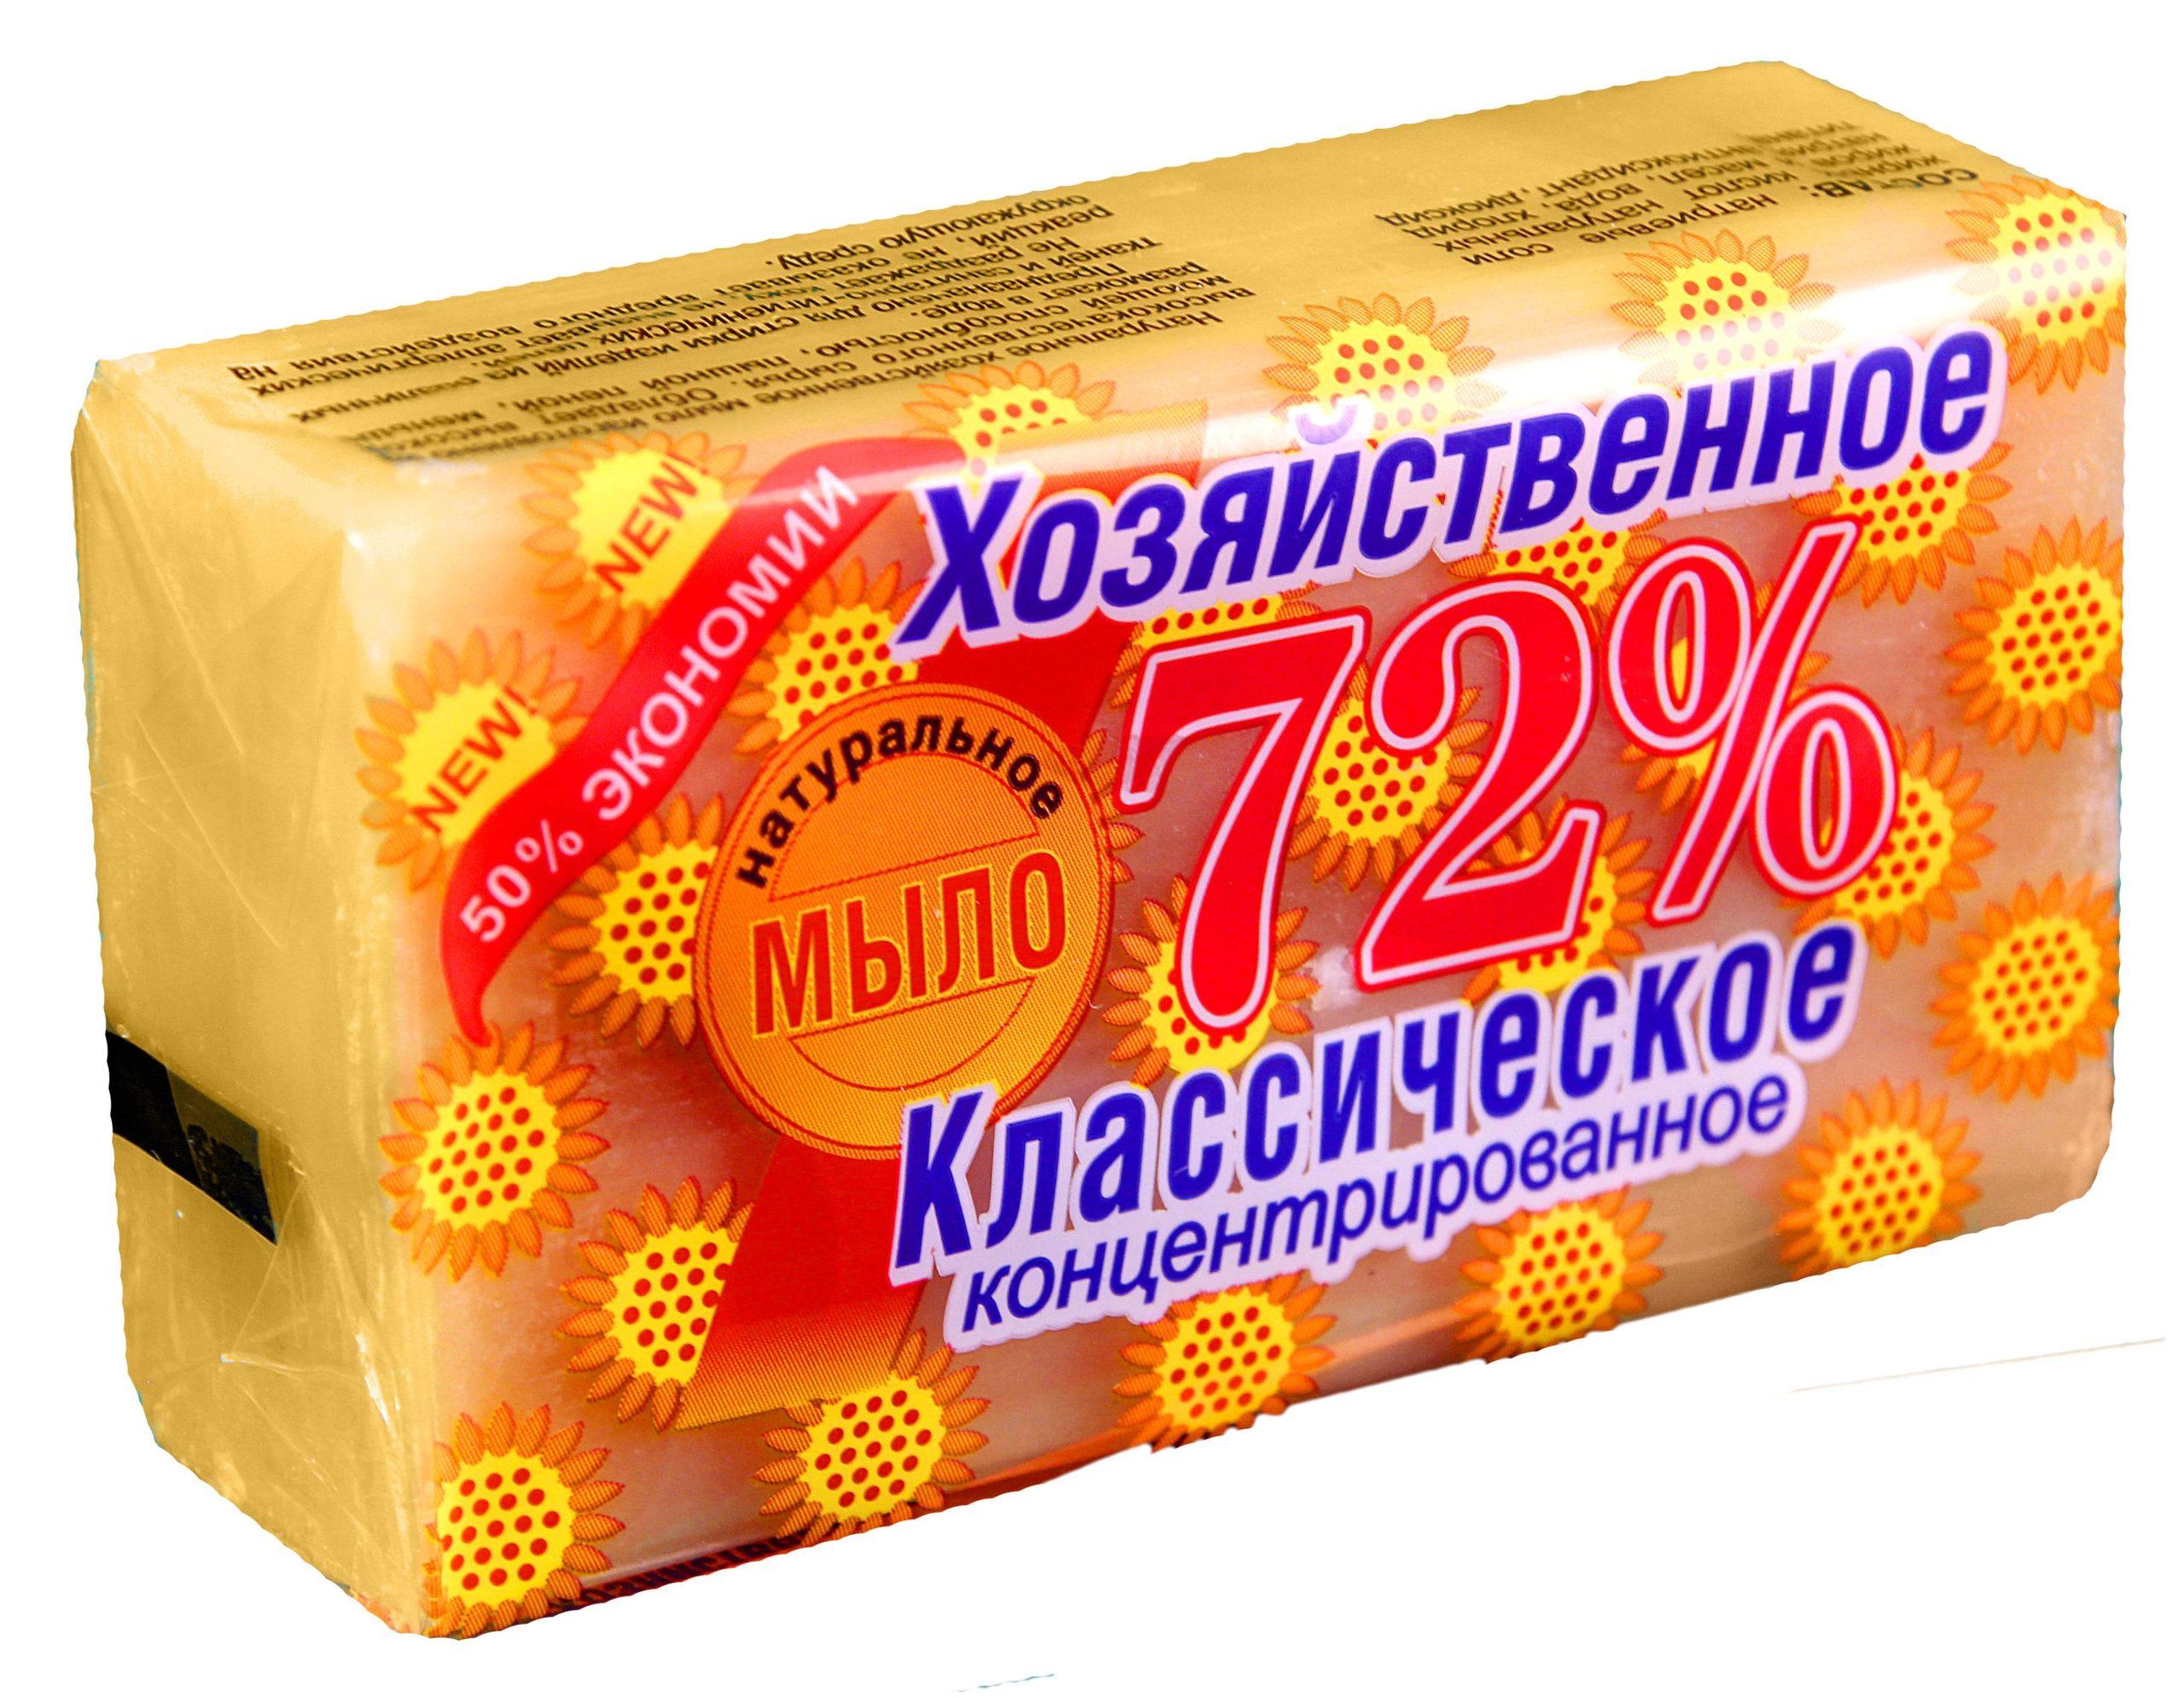 Мыло хозяйственное 72% Классическое 150 г